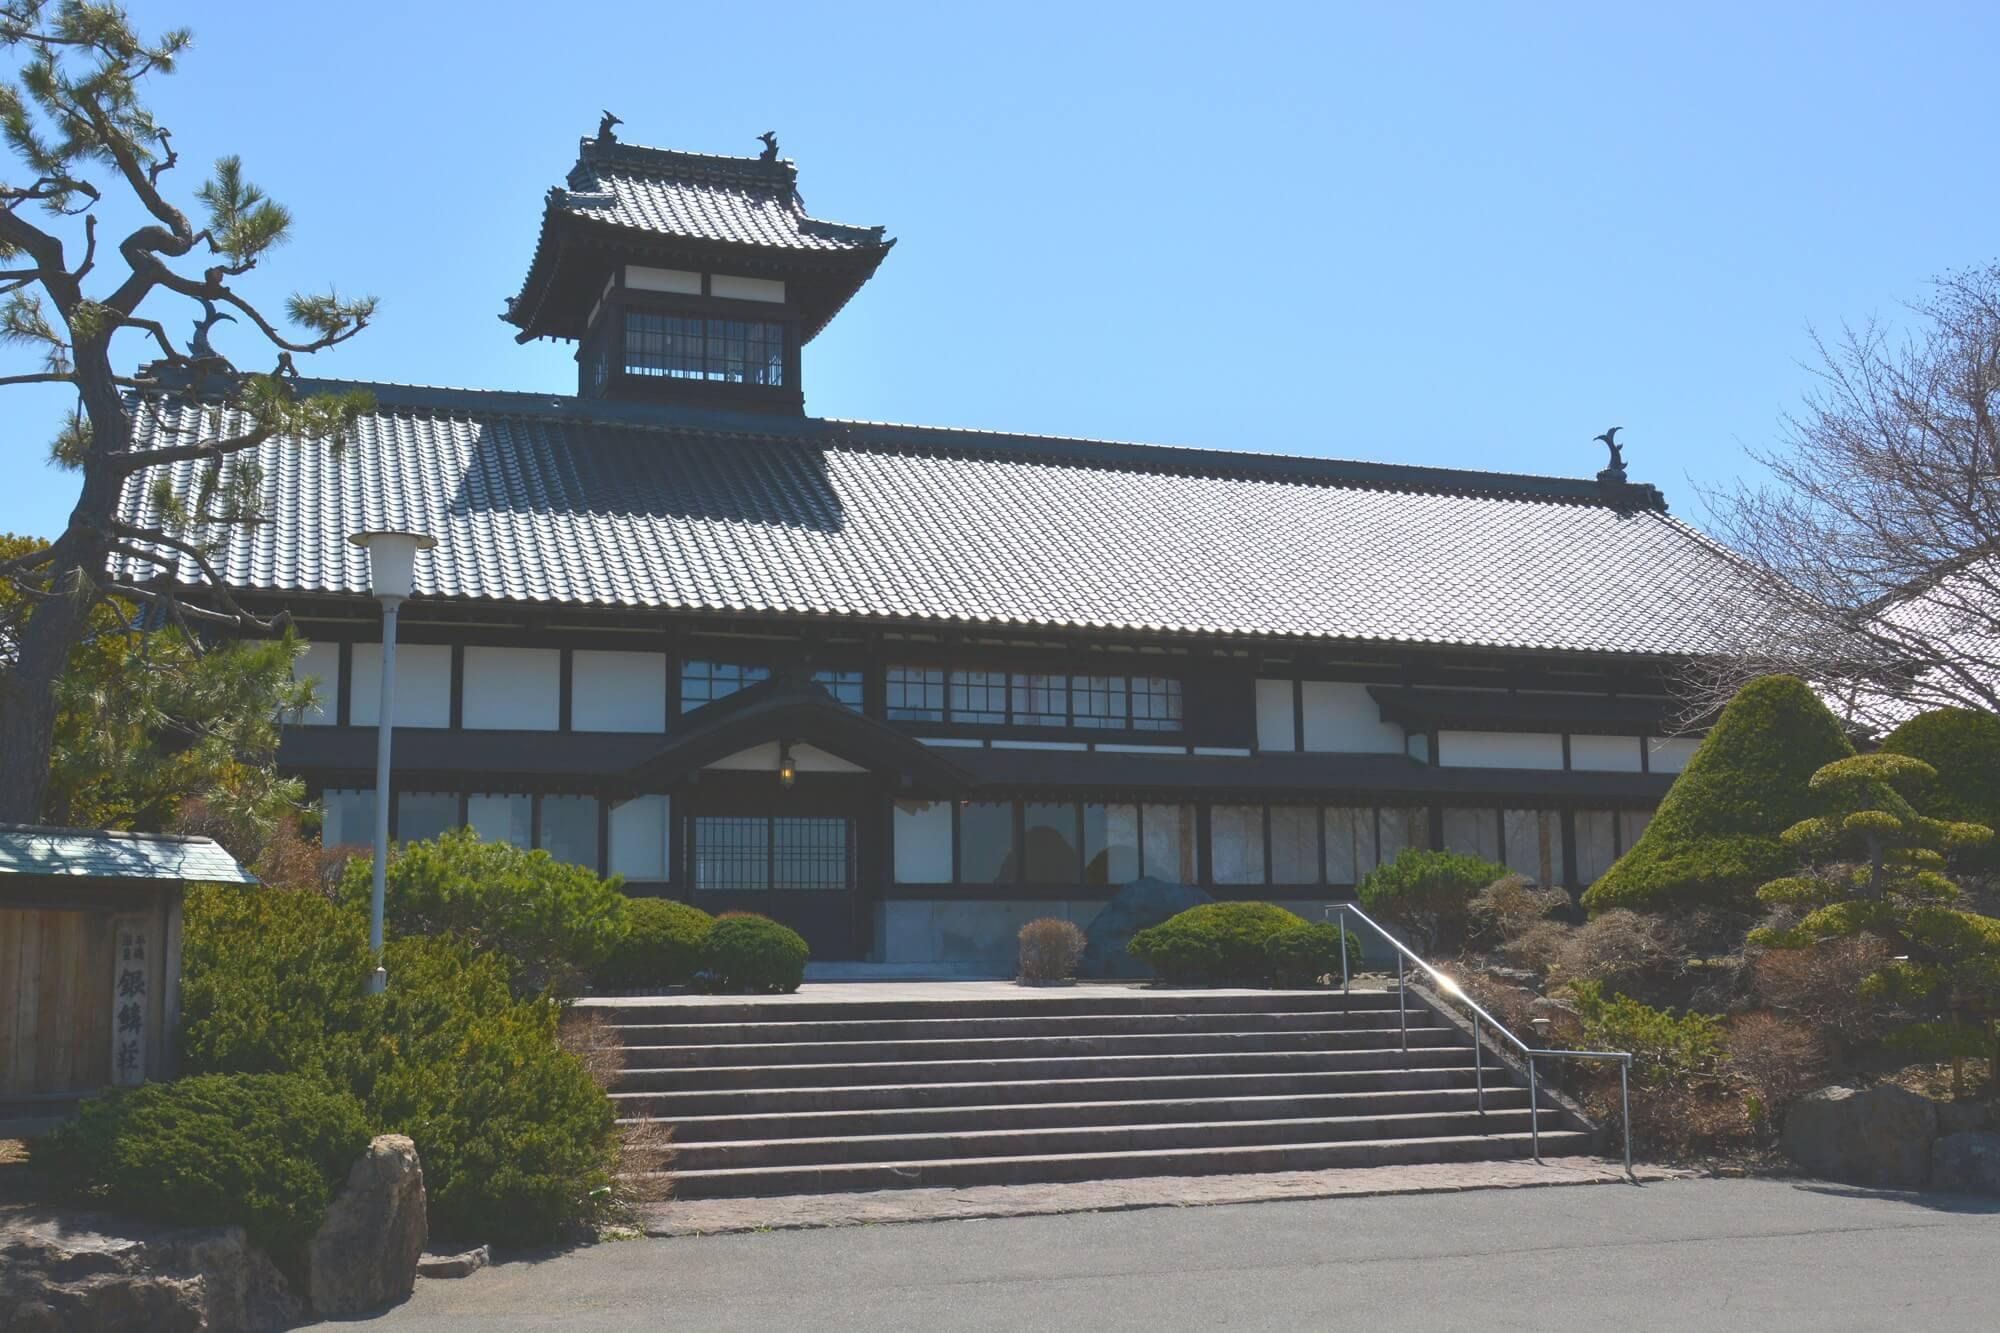 百年歷史溫泉旅館「銀鱗莊」